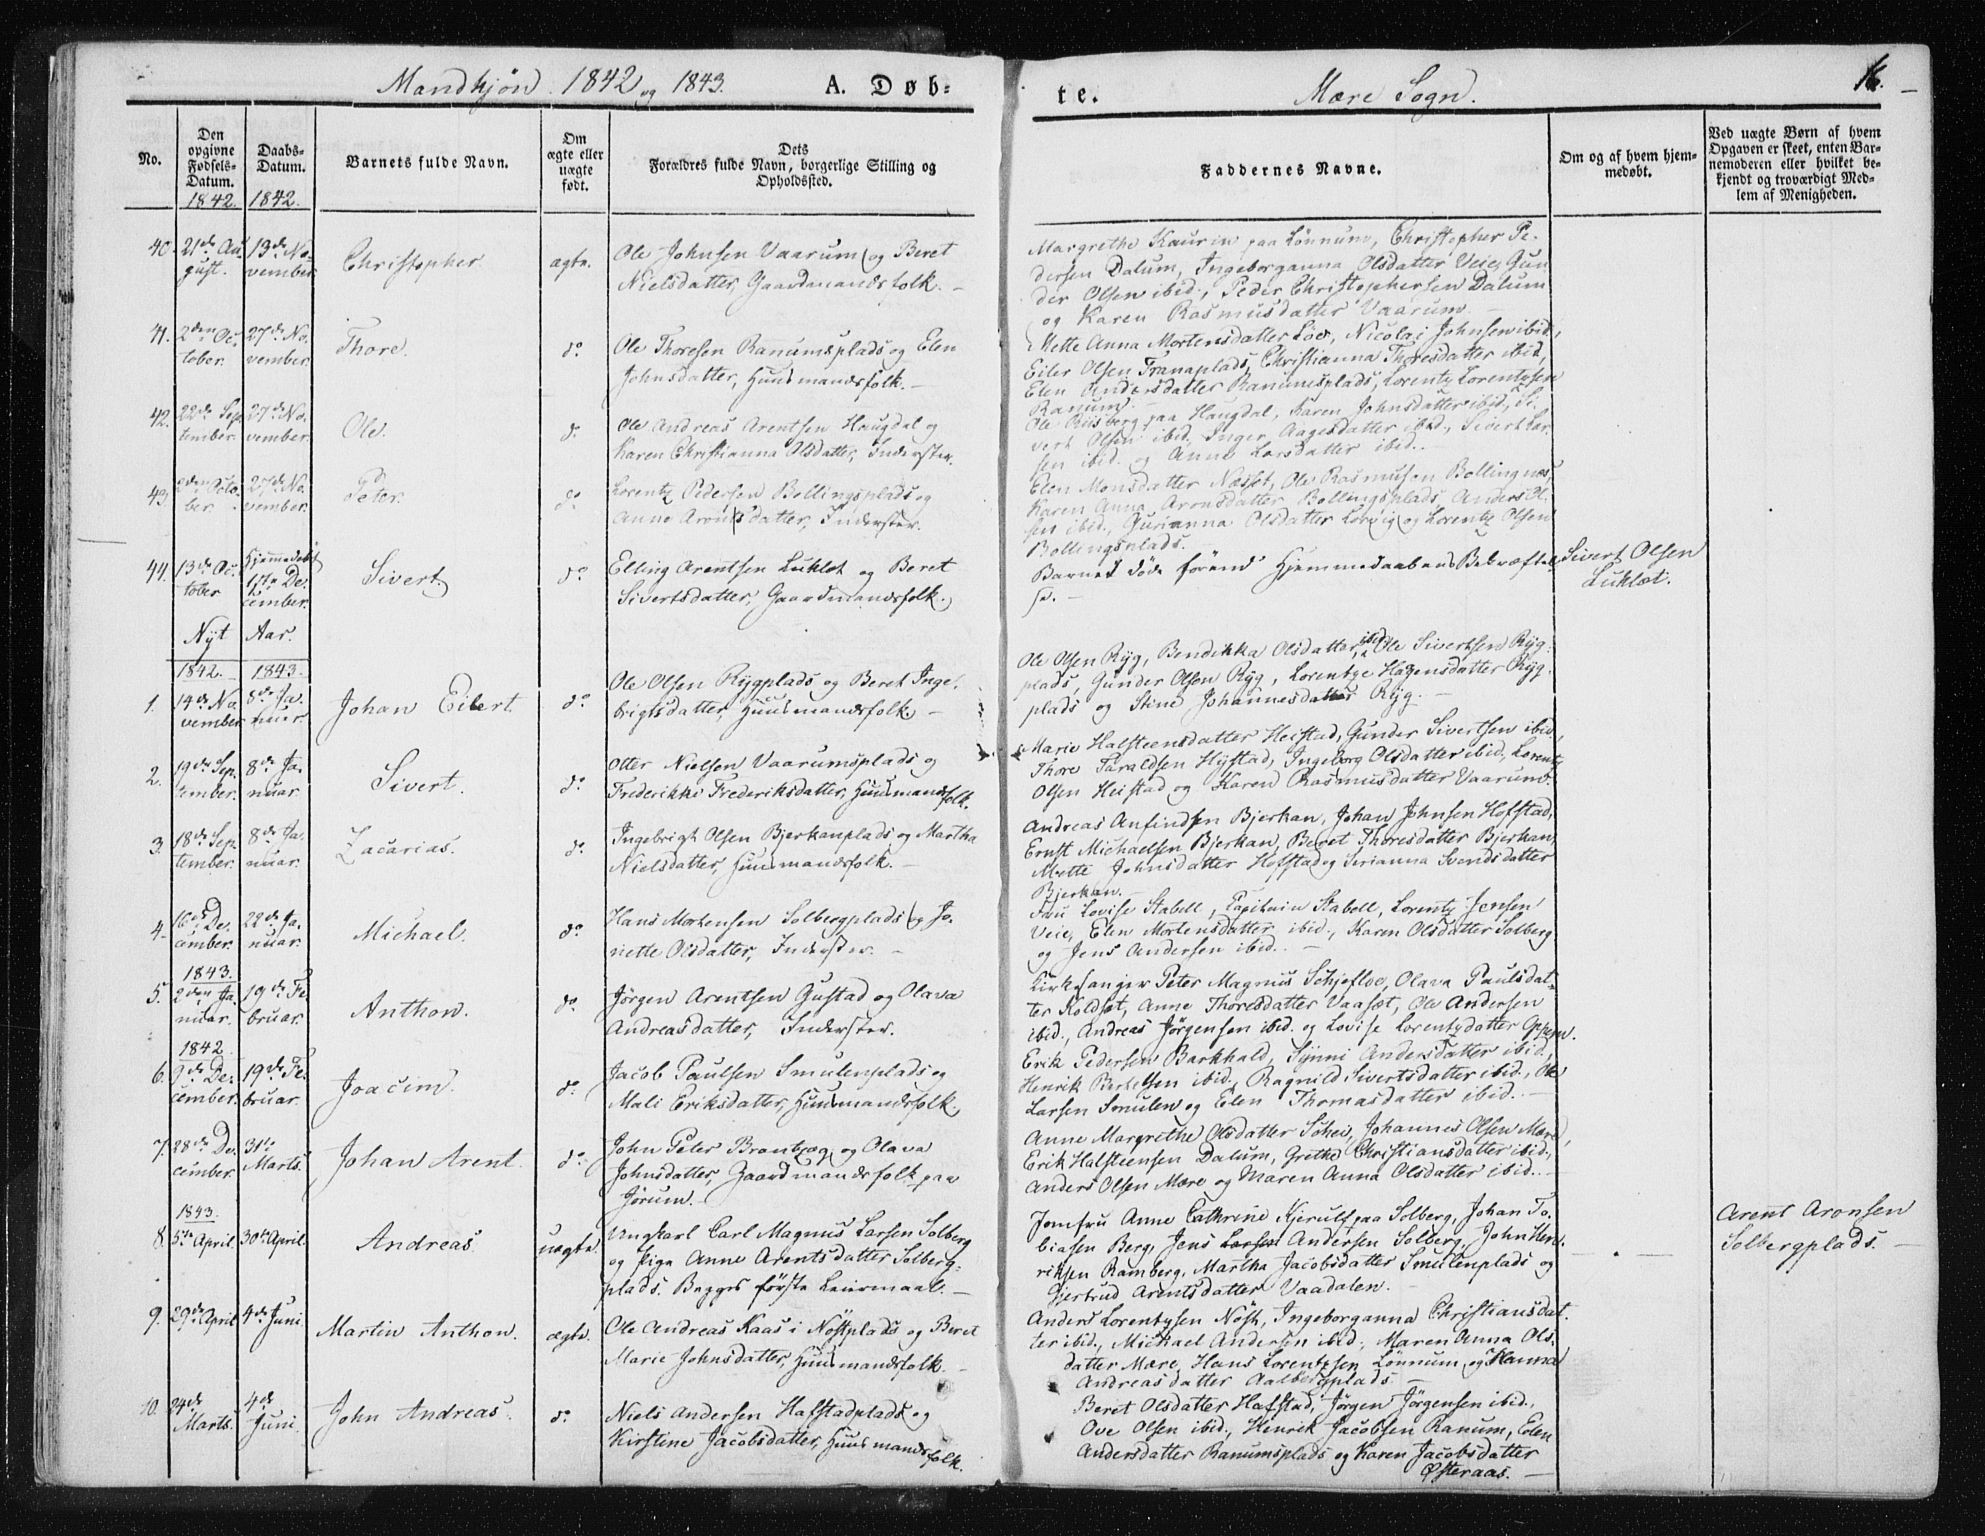 SAT, Ministerialprotokoller, klokkerbøker og fødselsregistre - Nord-Trøndelag, 735/L0339: Ministerialbok nr. 735A06 /1, 1836-1848, s. 16